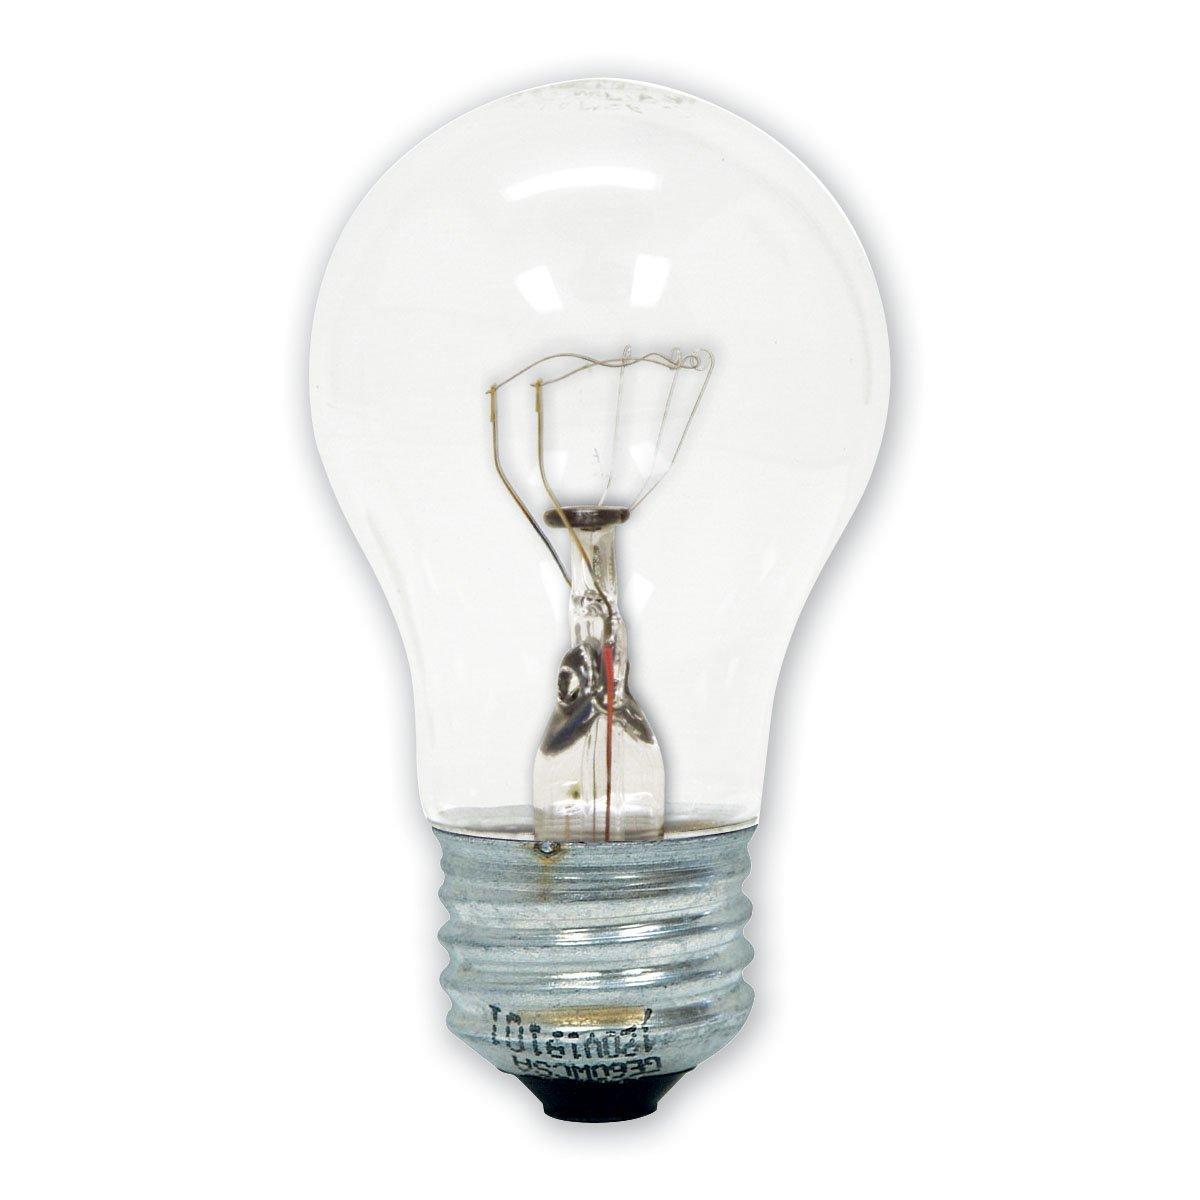 GE 15206-12 40-watt Appliance Light A15 Light Bulb, 24-pack